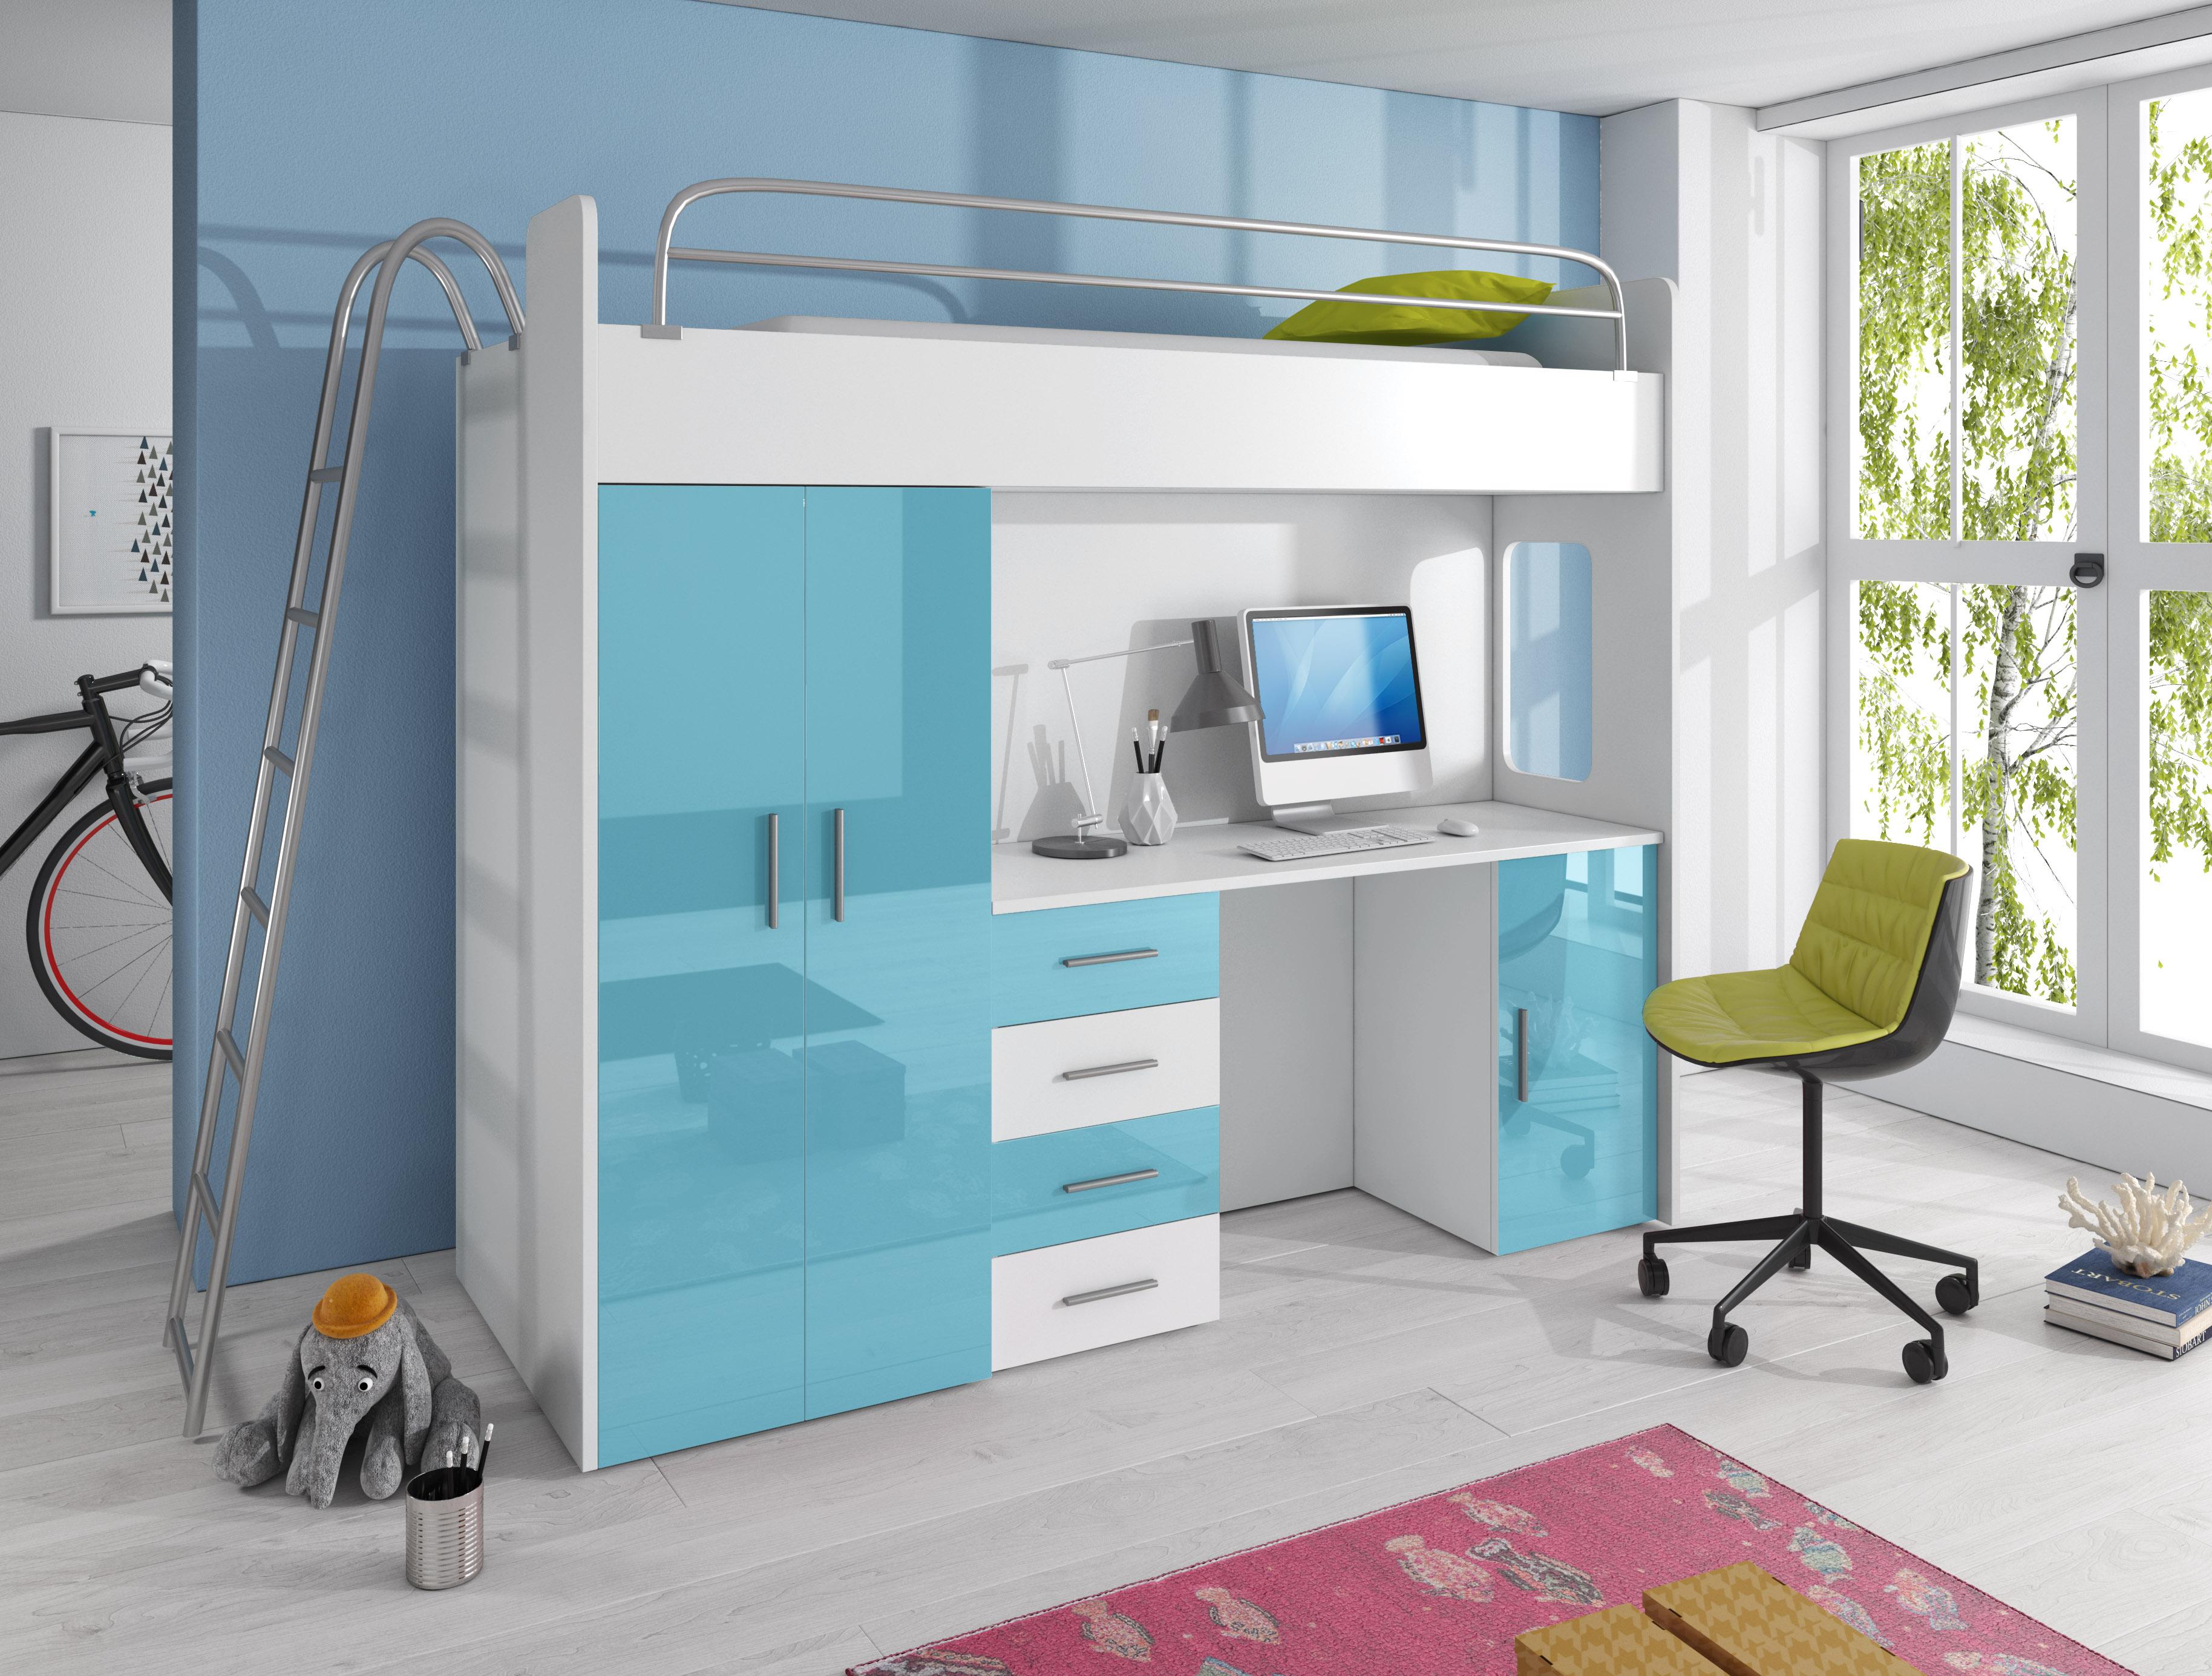 Dětská postel - Ruby IV D (Bílá + Tyrkysová) (s matrací a roštem)